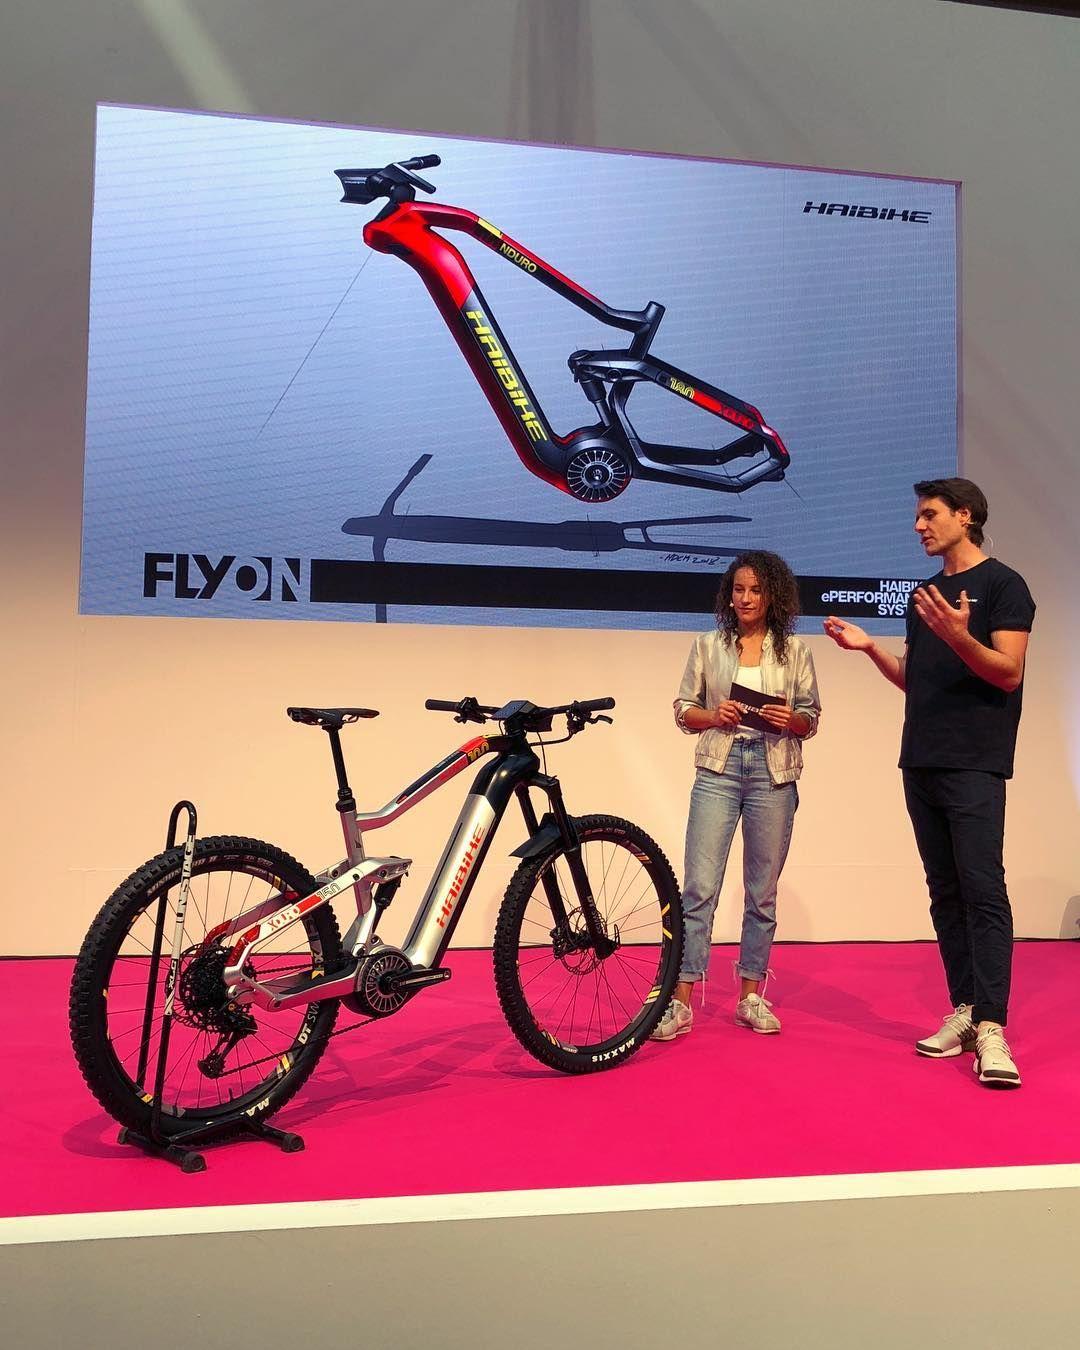 Haibike Flyon 2019 Eperformance System And Haibike Models Evnerds Electric Bikes Uk Electric Bike Ebike